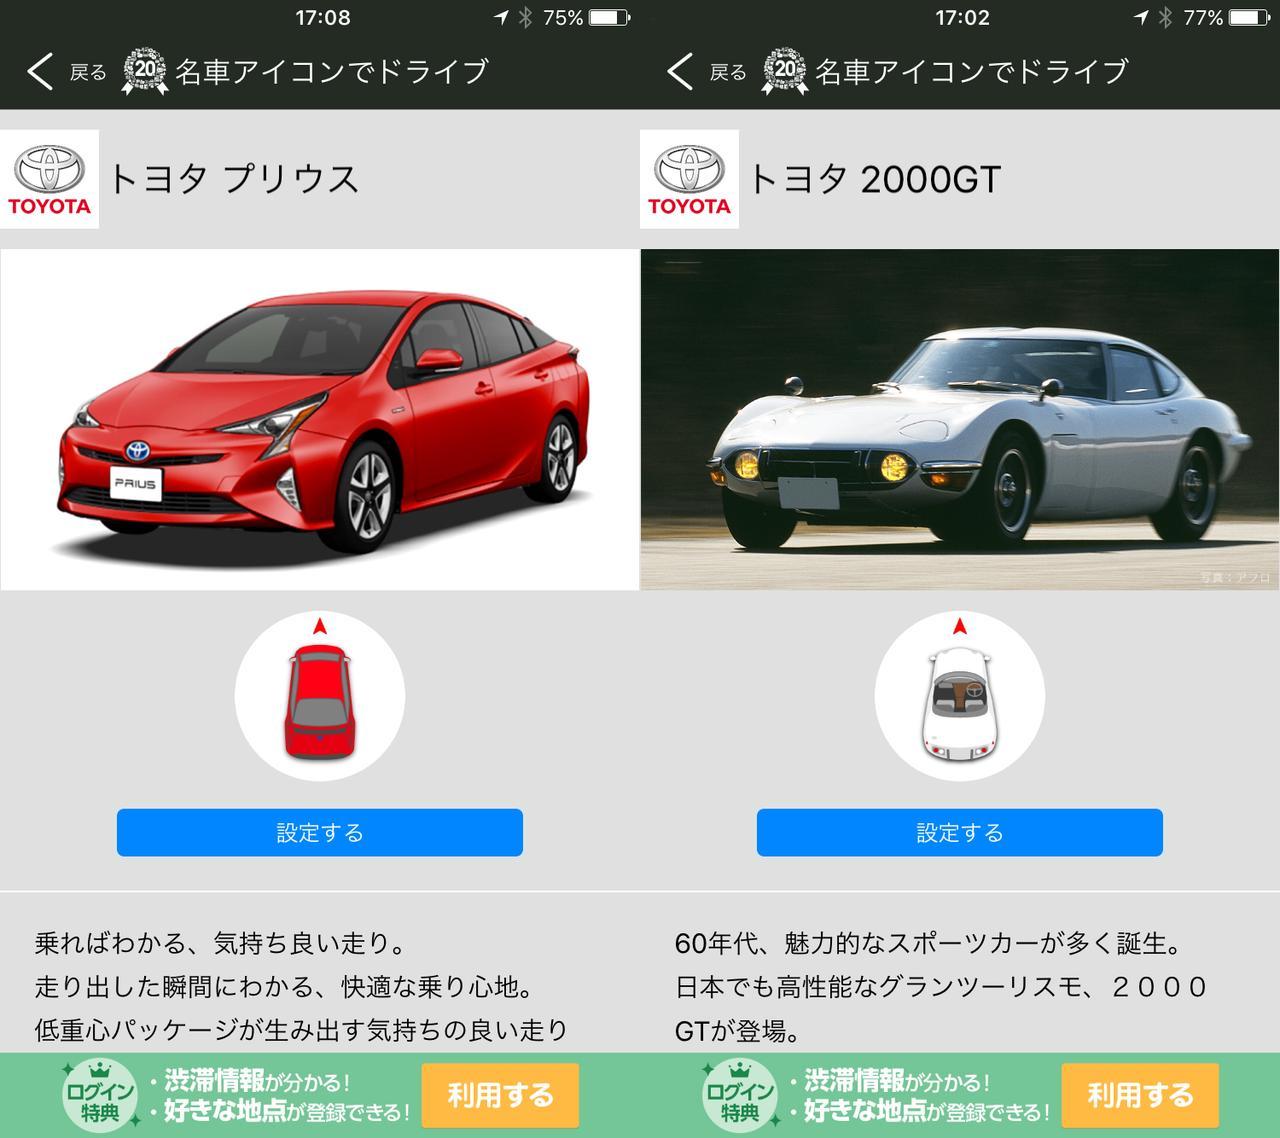 画像: 新型プリウスや名車2000GTなどをアイコンとして使用可能